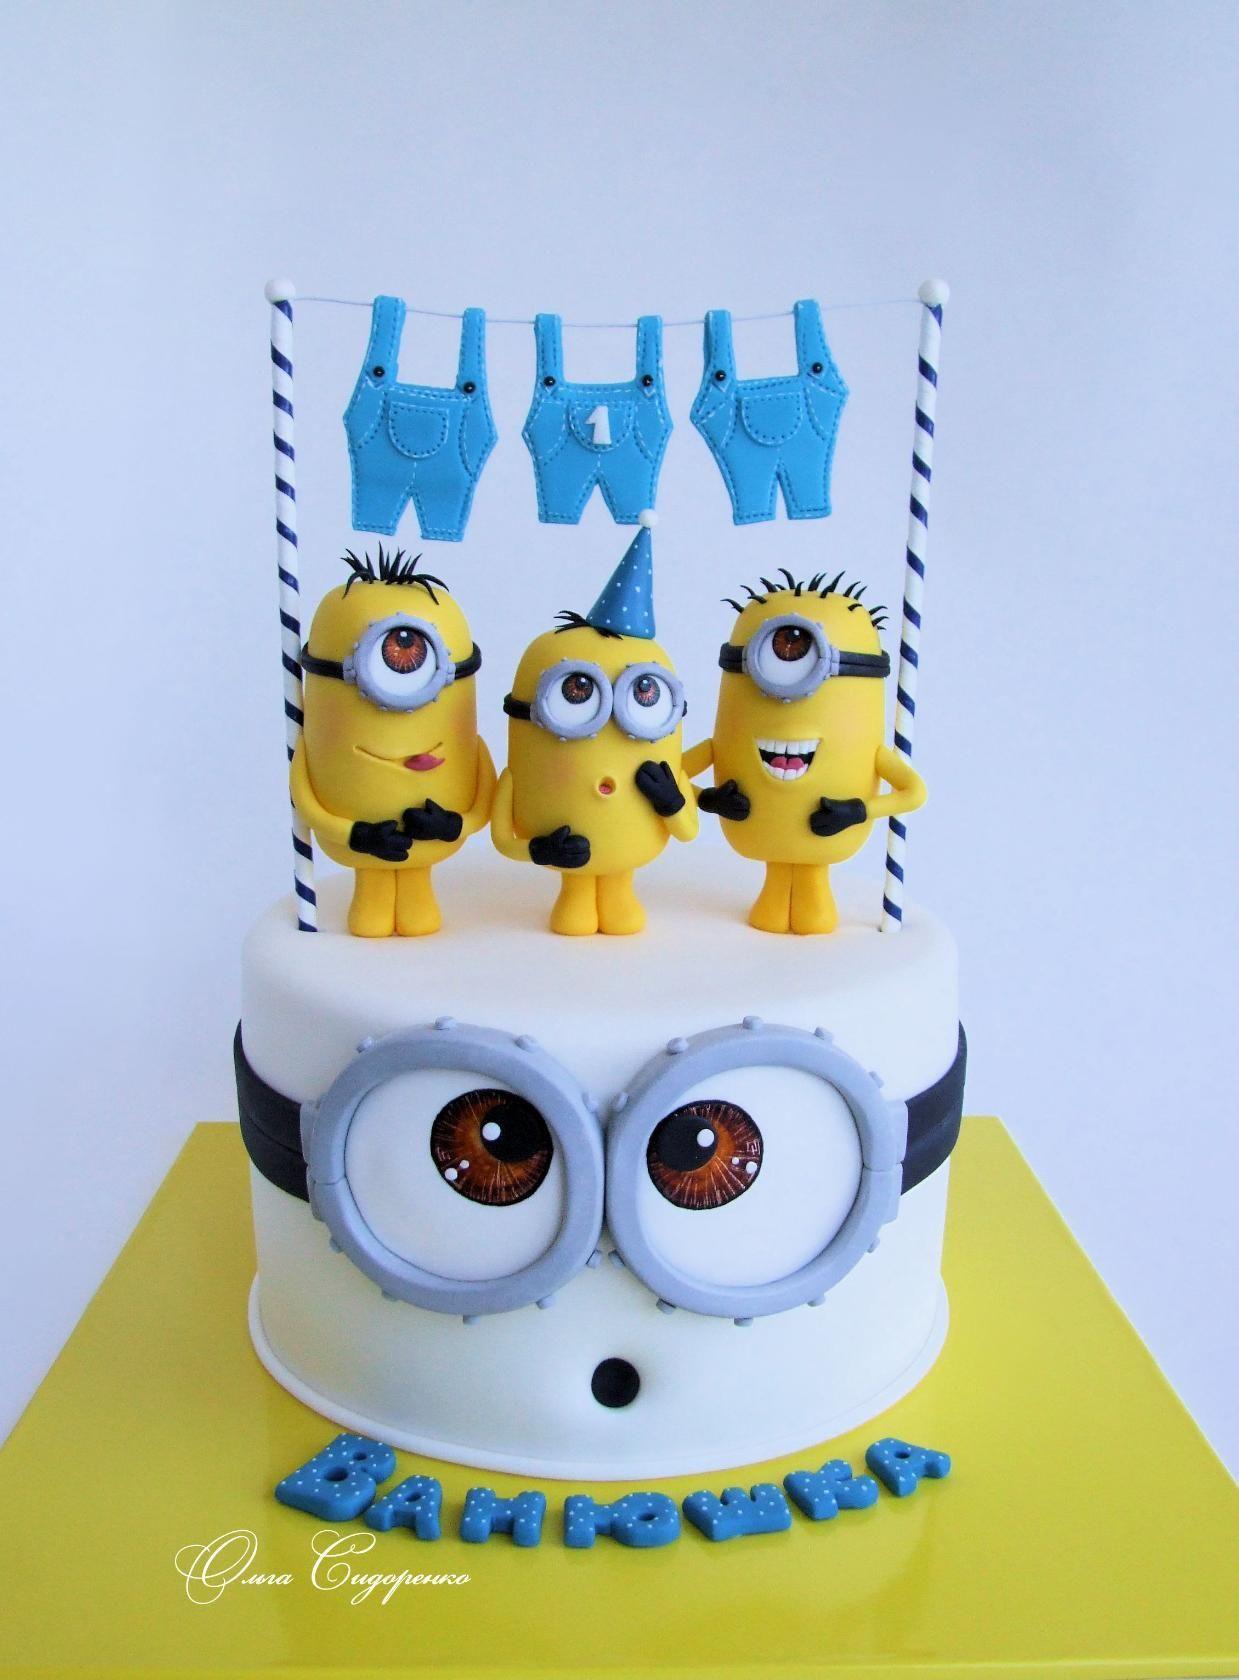 торты миньоны на день рождения фото этого нужны